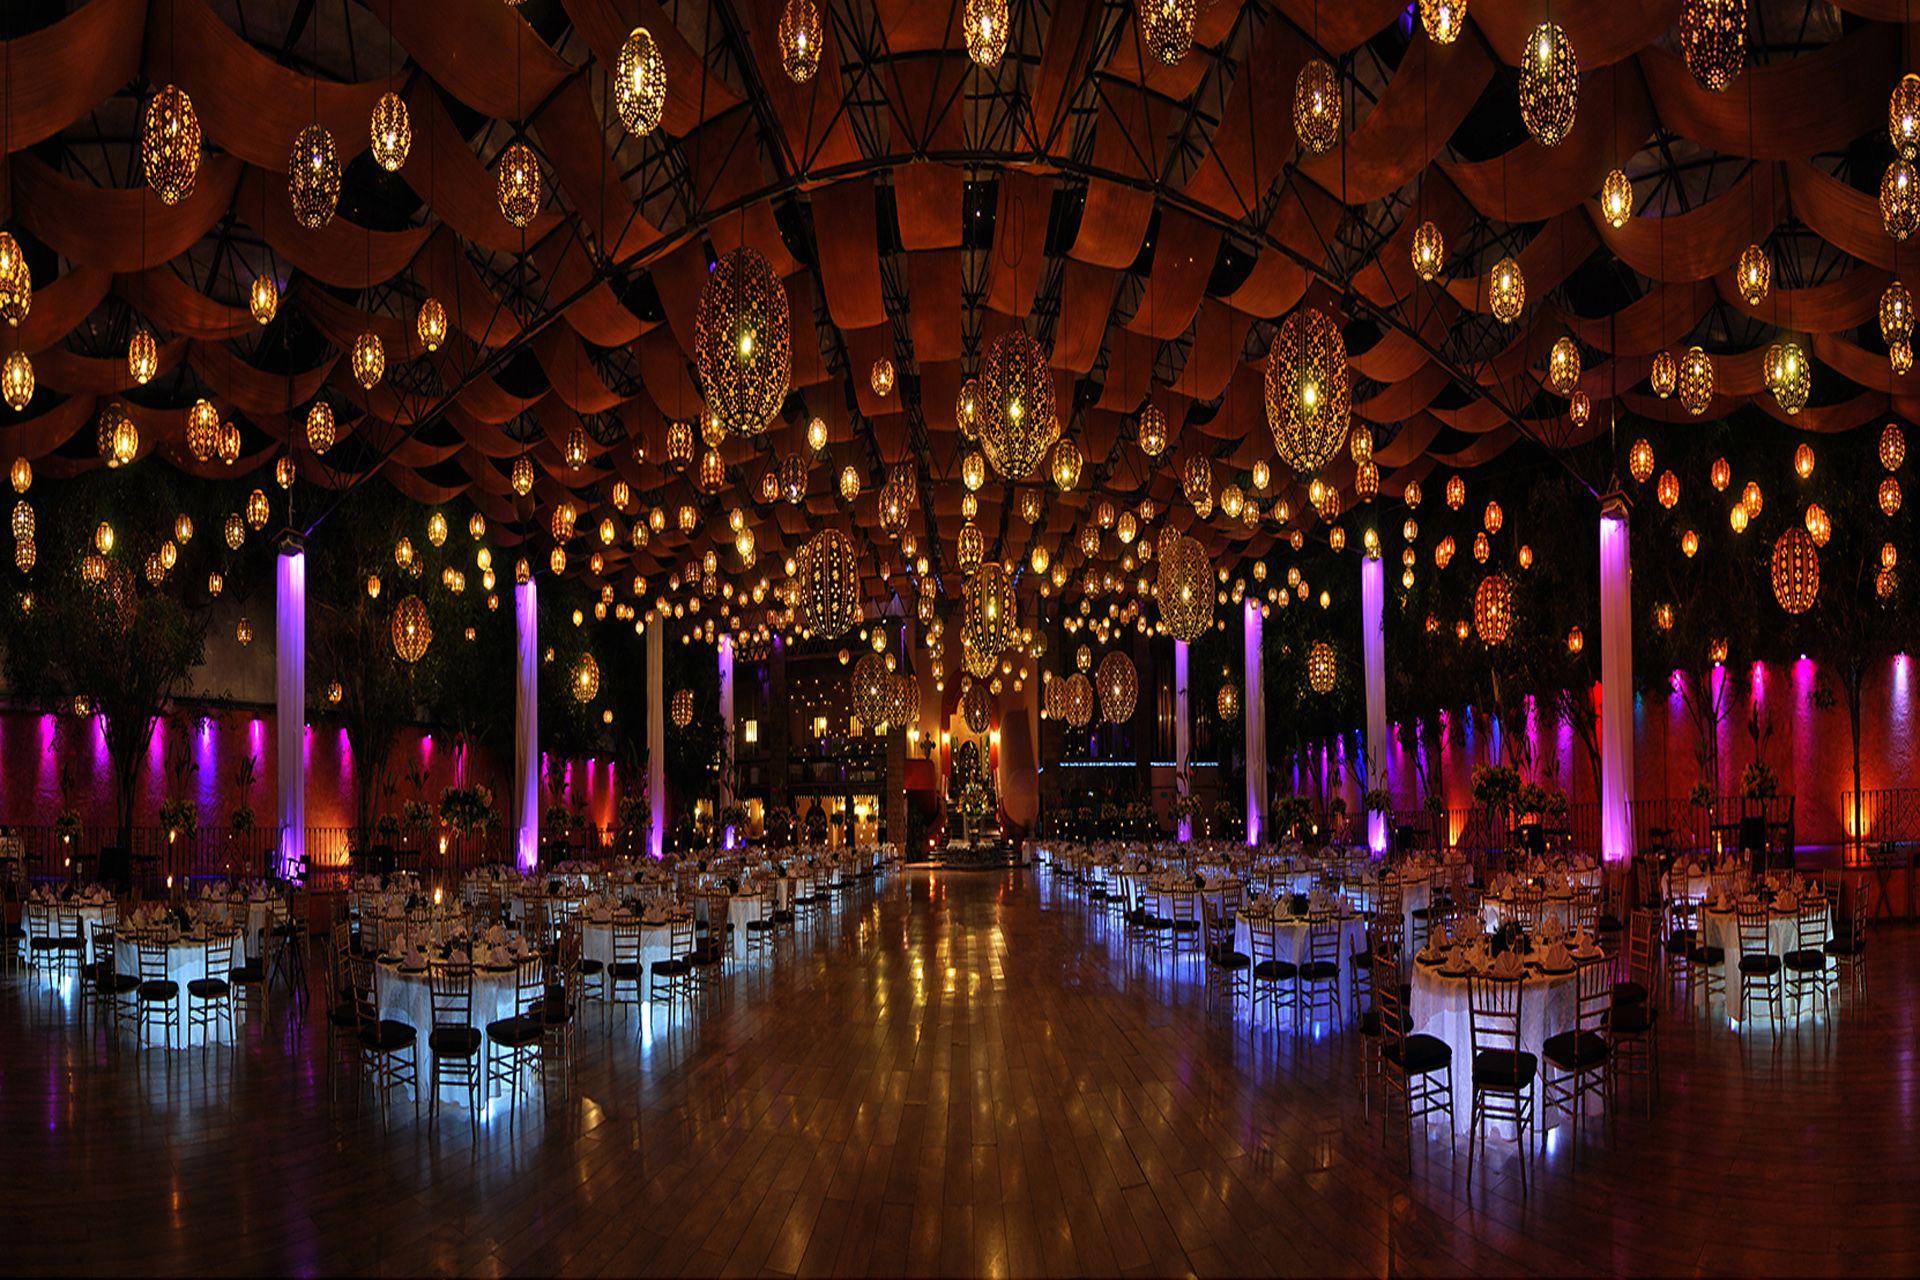 SALON DE FIESTAS | Salones decorados para bodas, Salones de ...